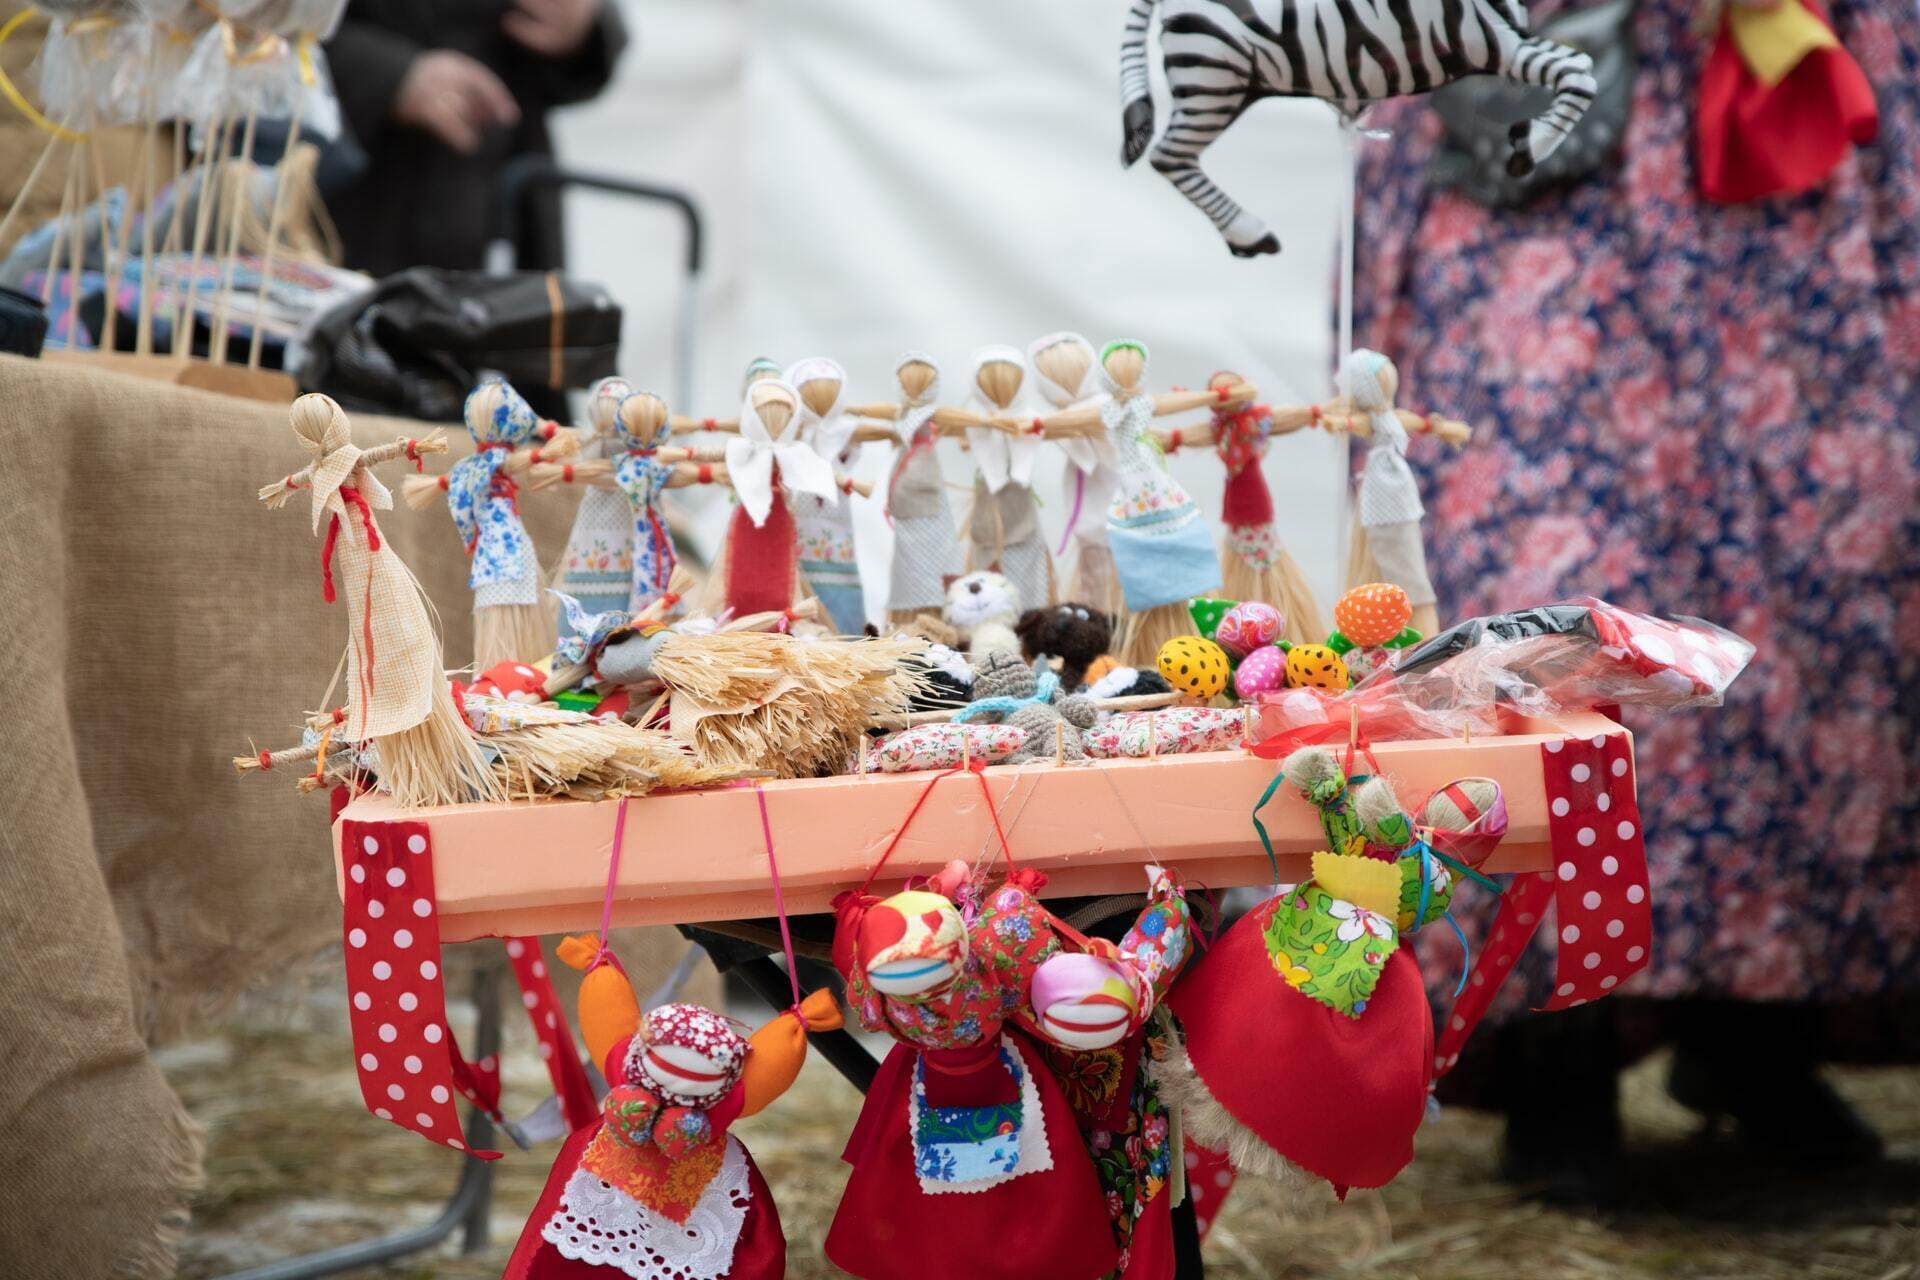 В первый день Масленицы принято устанавливать куклу из соломы